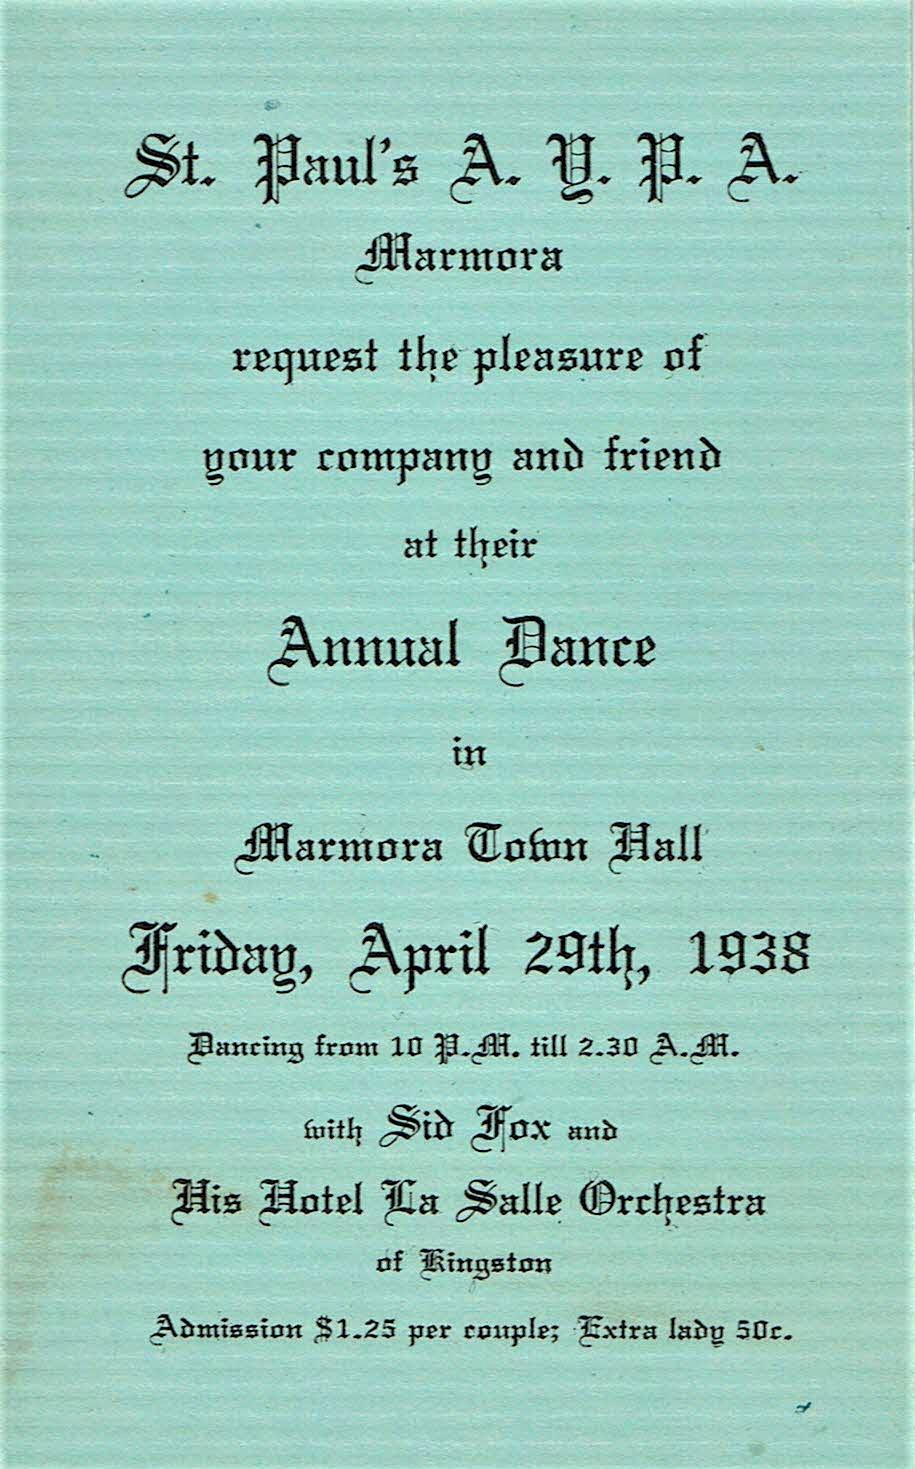 St. Paul's Dance 1938.jpg